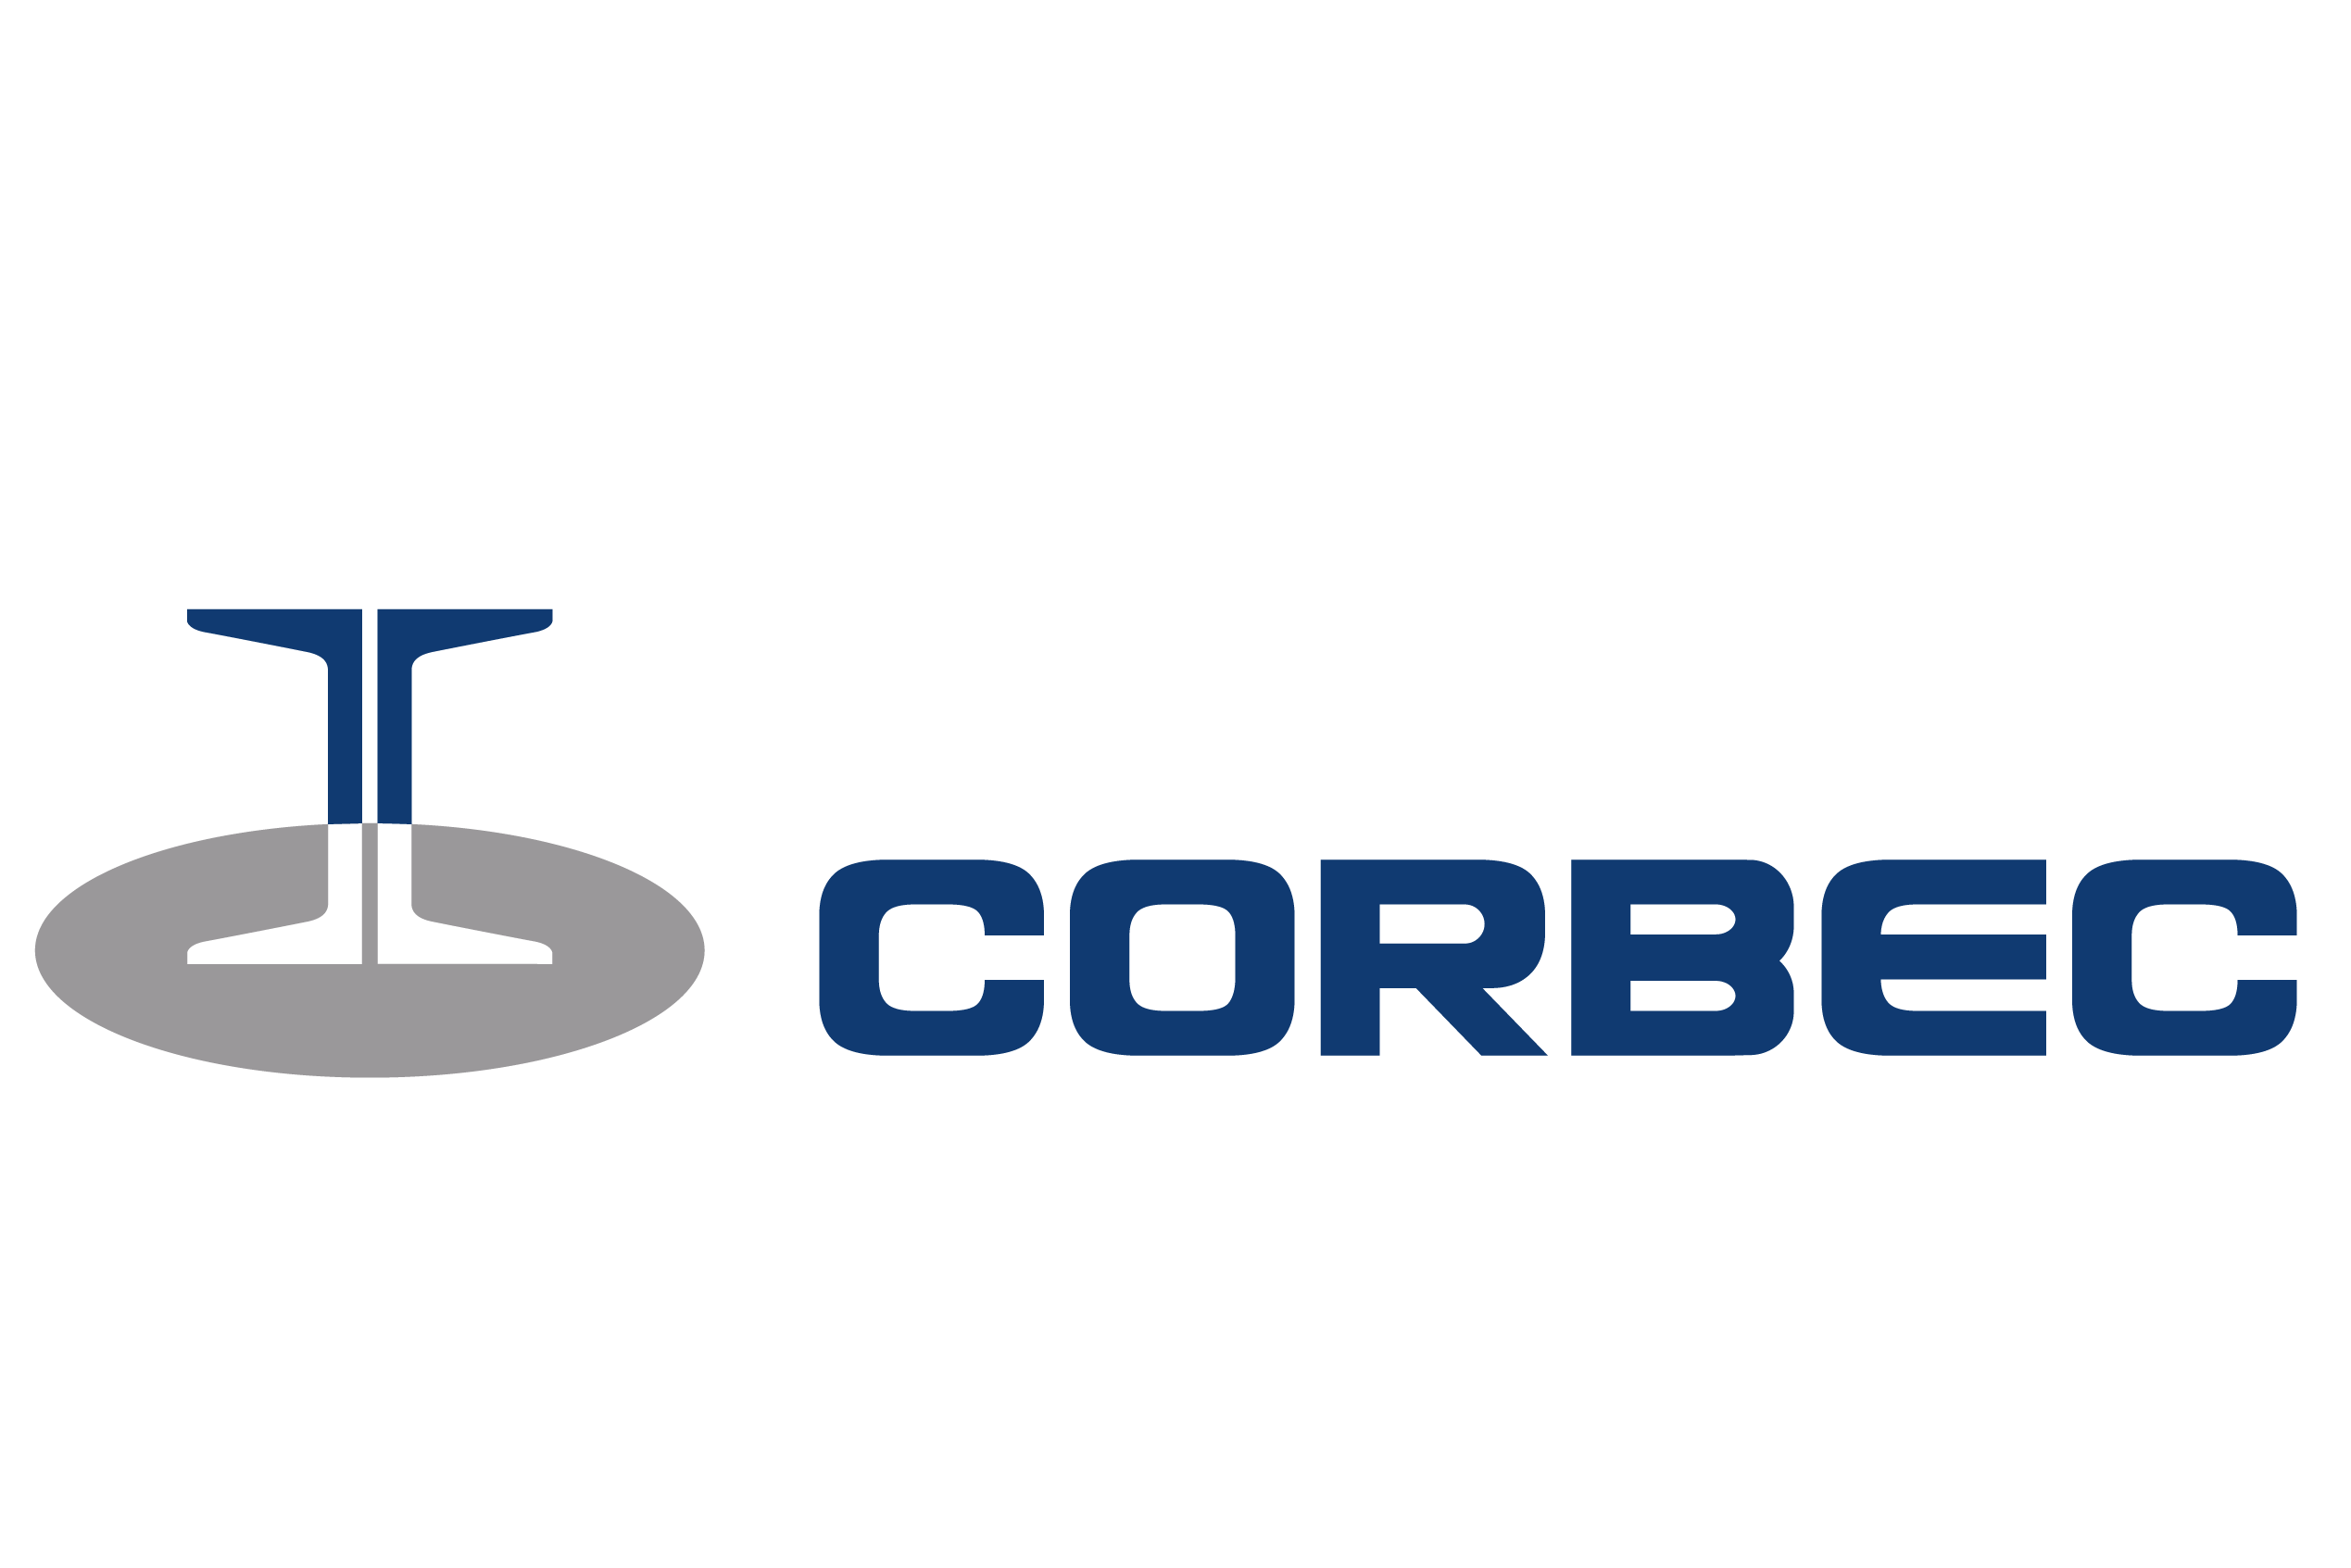 Corbec logo